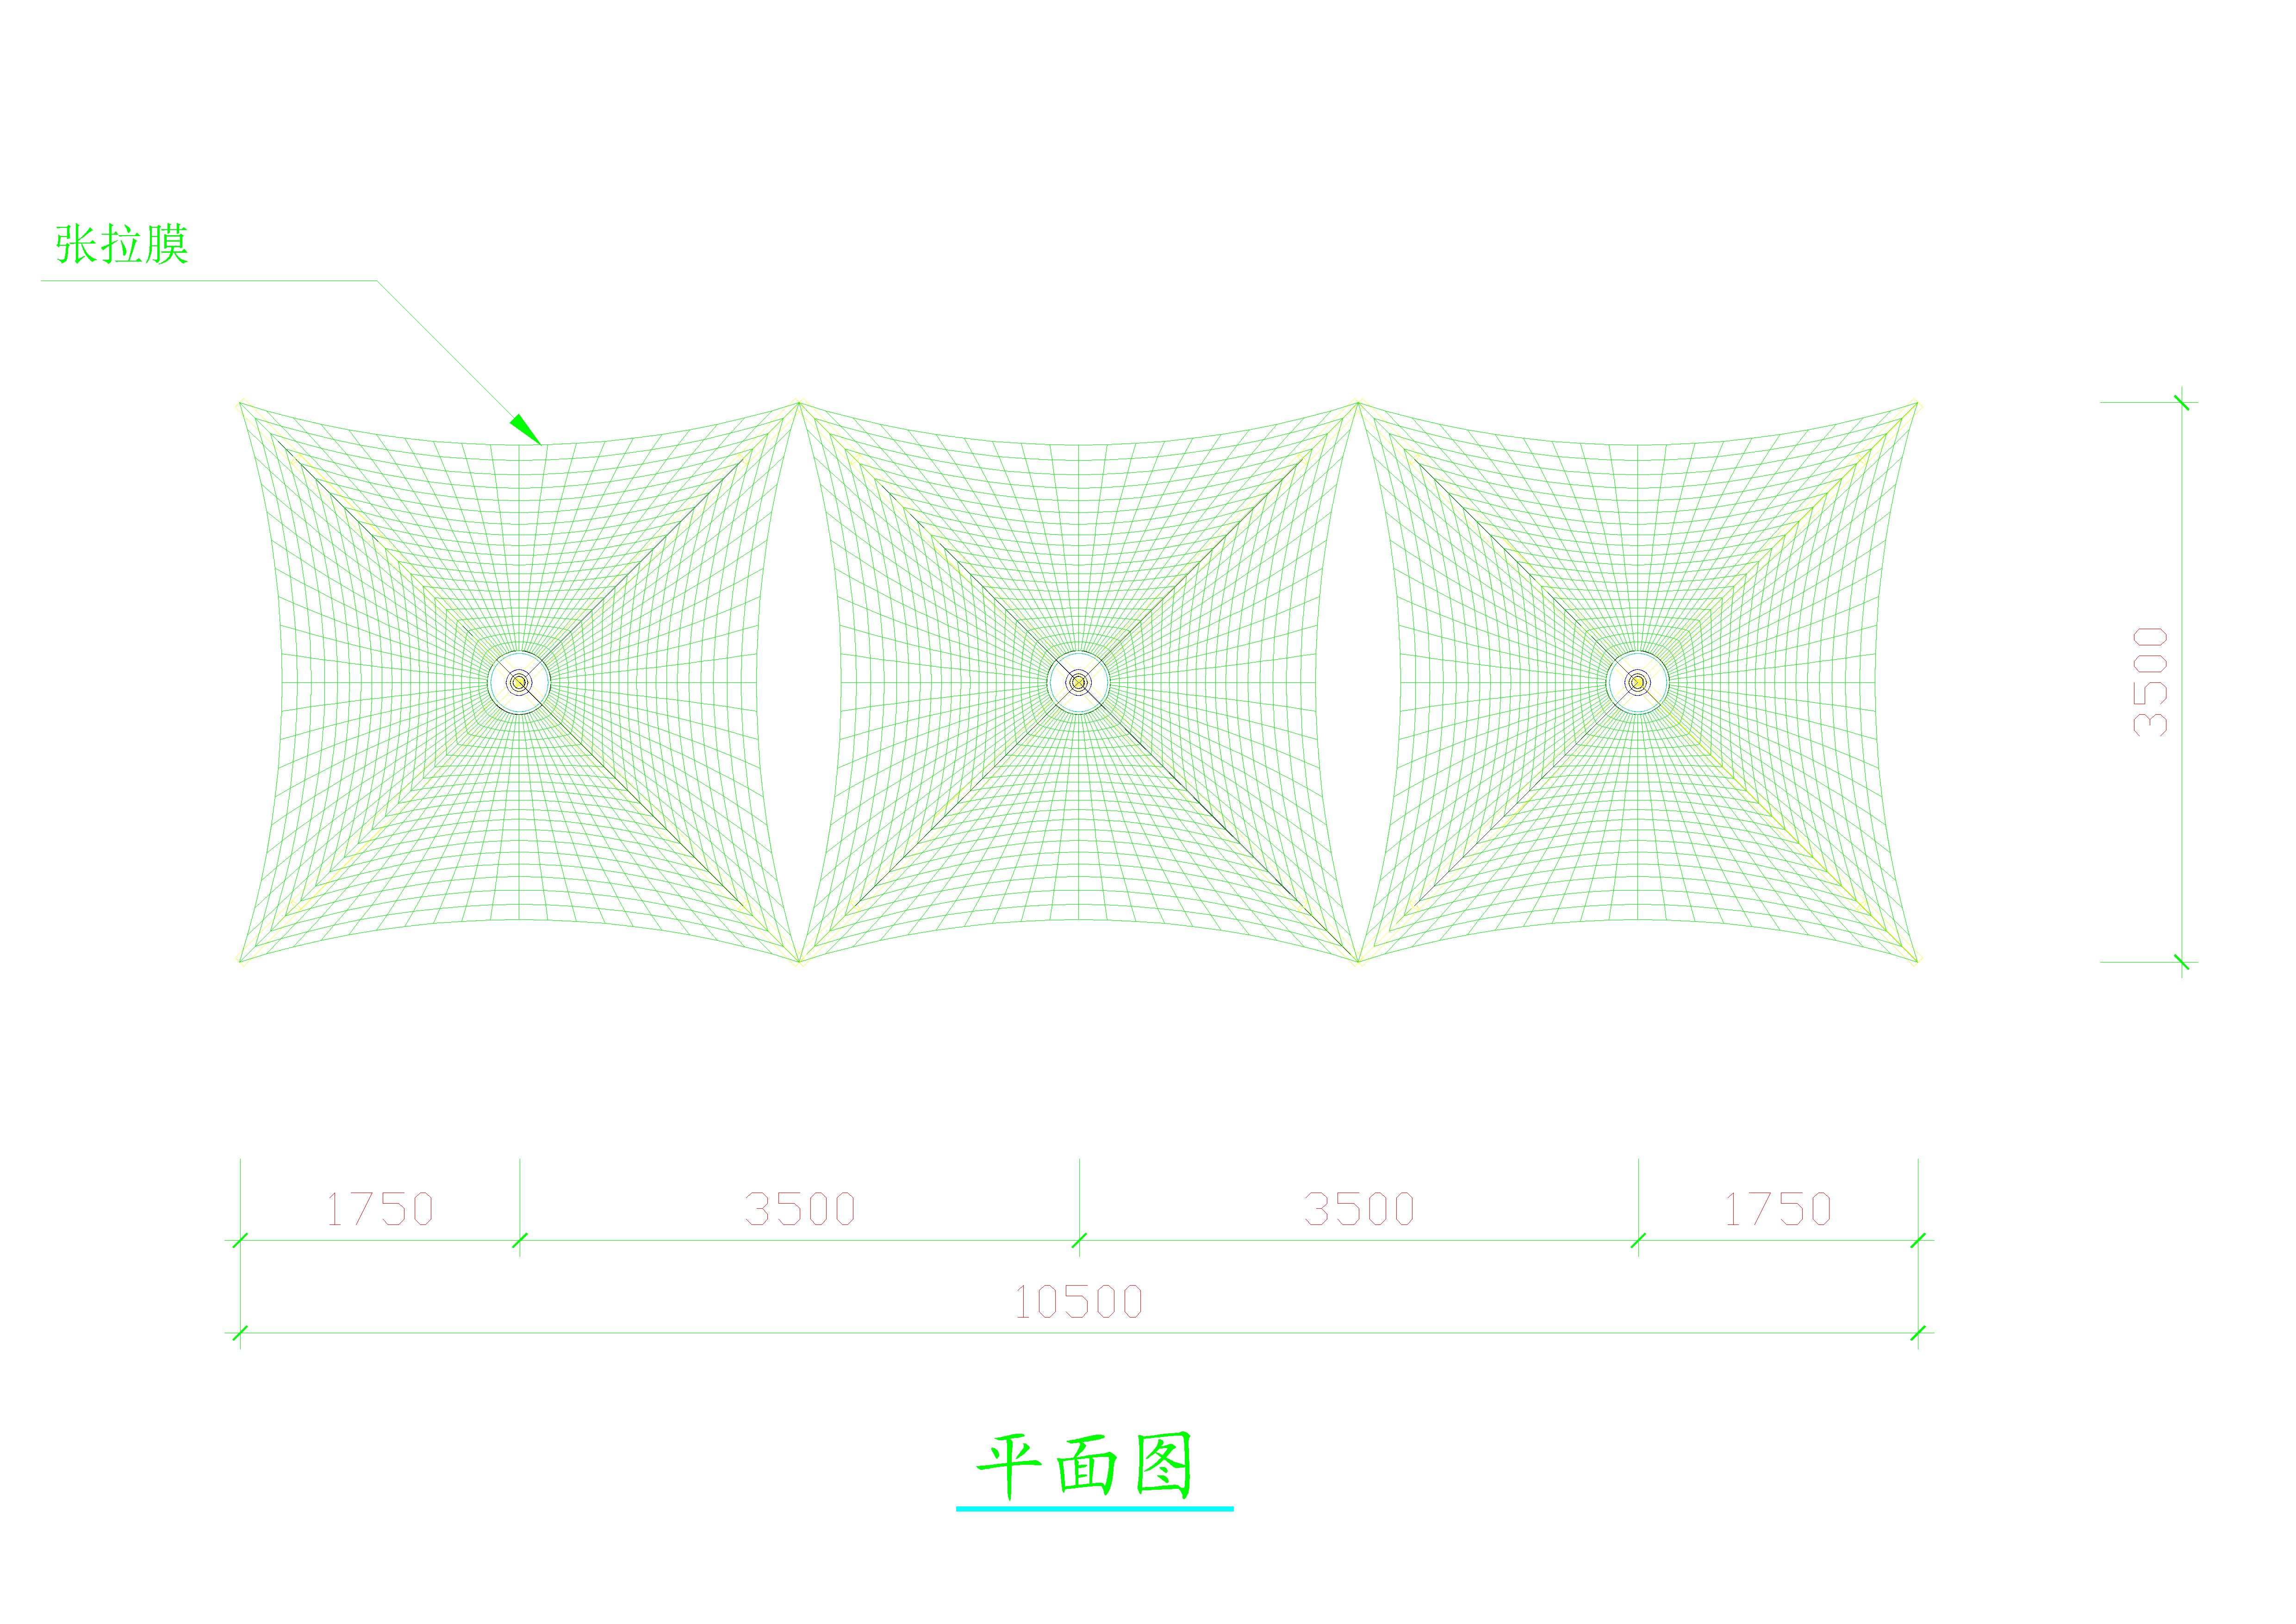 景观膜结构伞产品演示图2